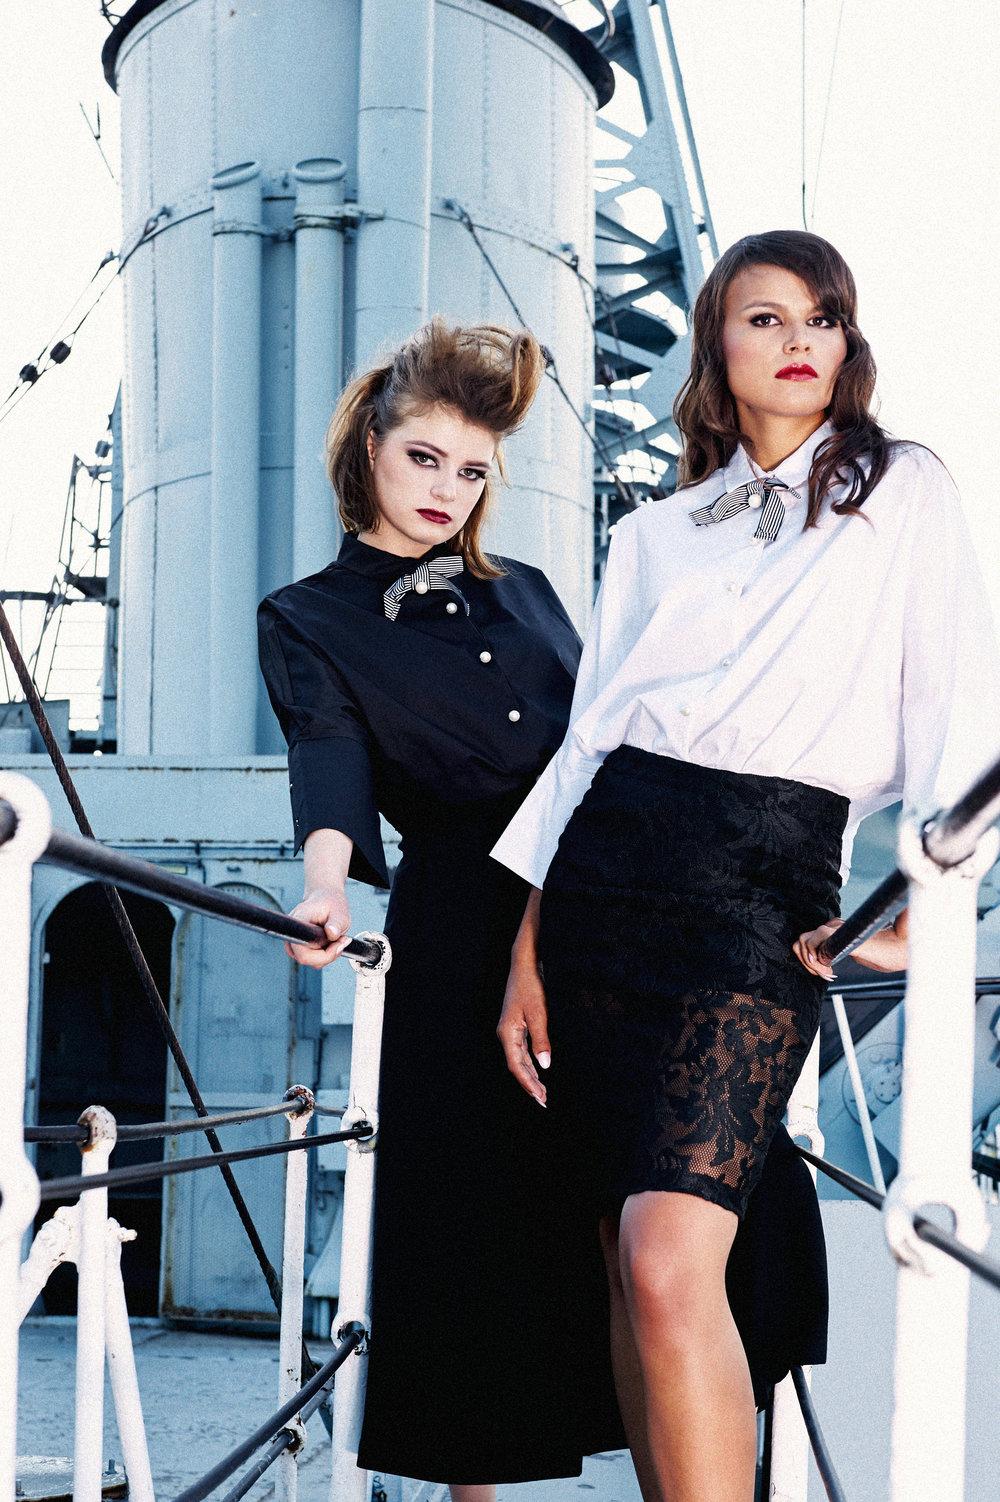 Marta-Hewson-Urbanicity-battleship-fashion-6268.jpg